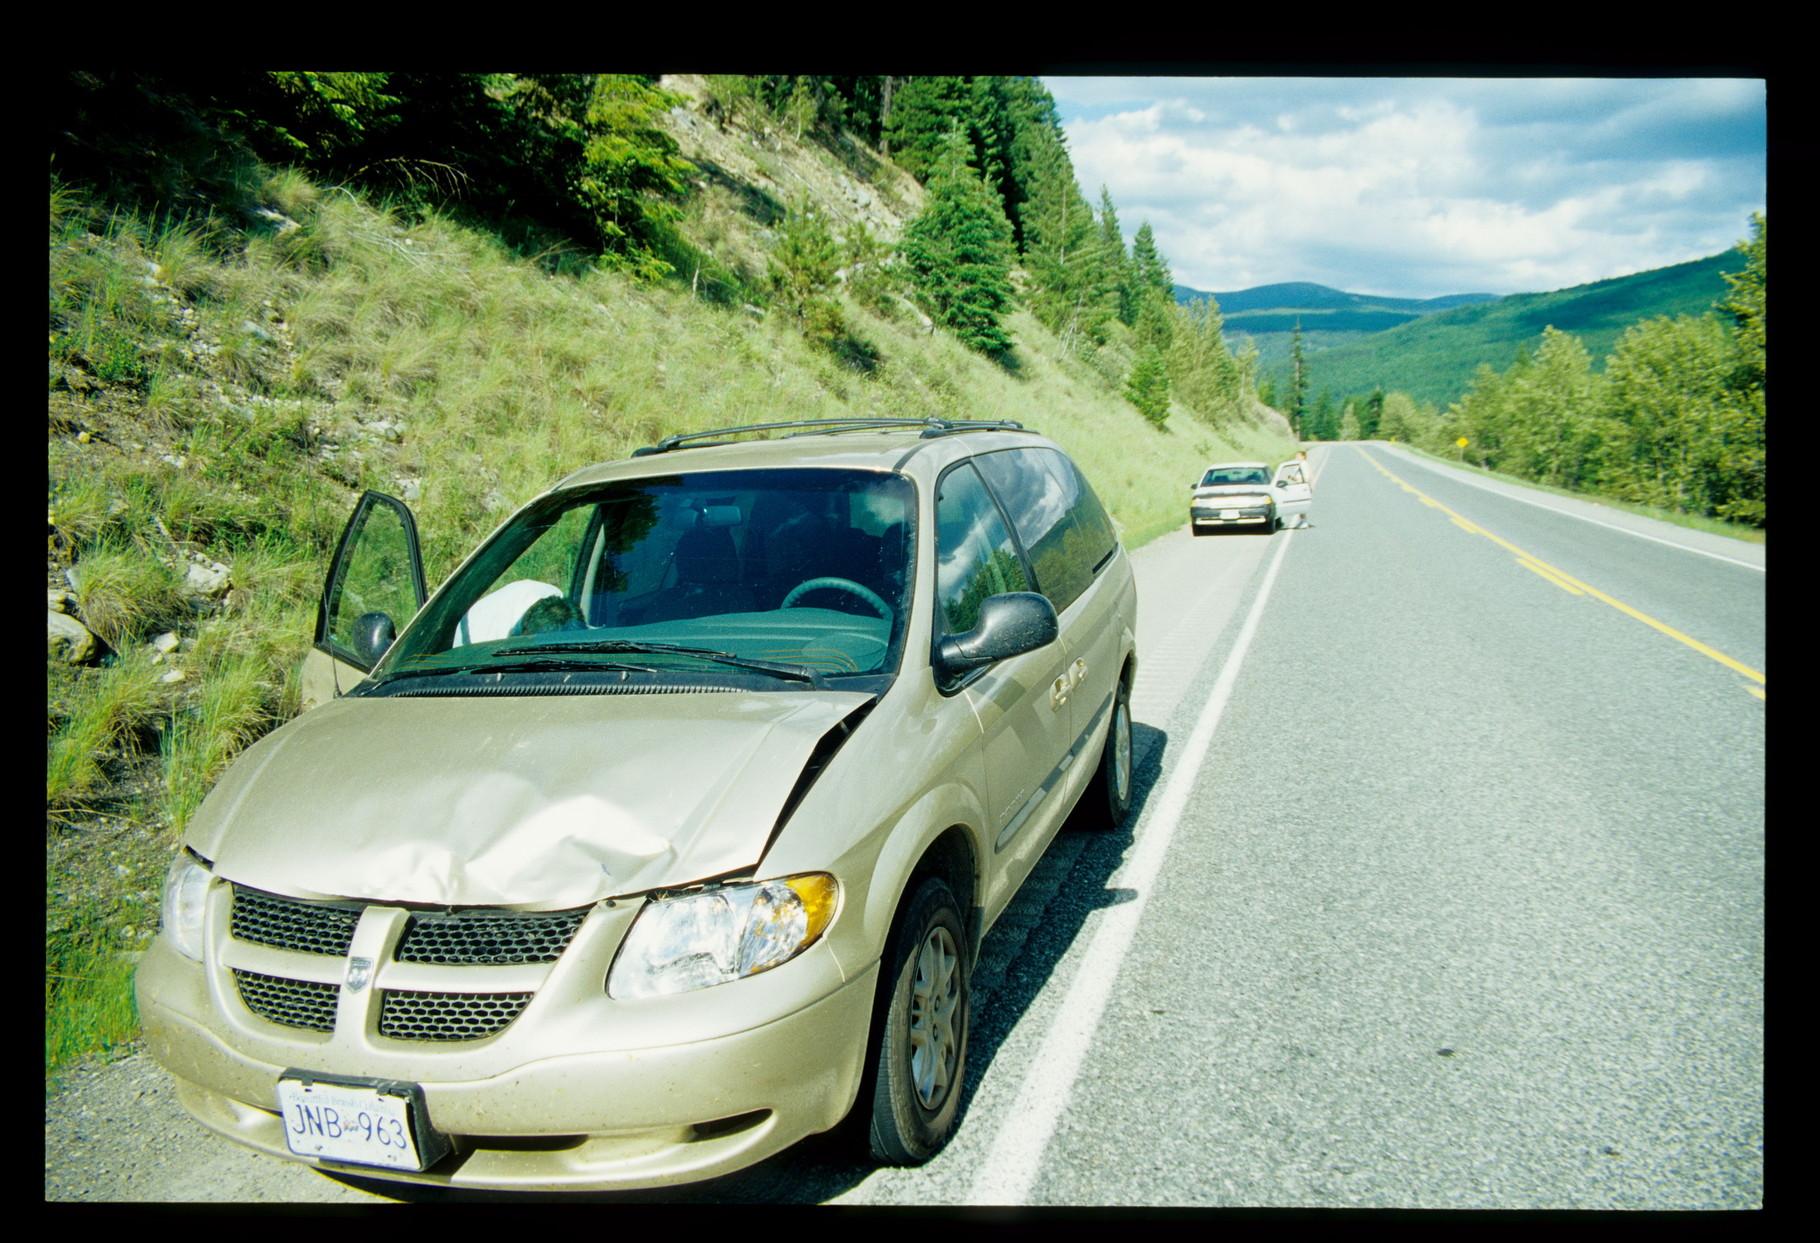 Und da ist uns ein Deer vor das Auto gesprungen. Keine Chance bei nur 80 km/h.